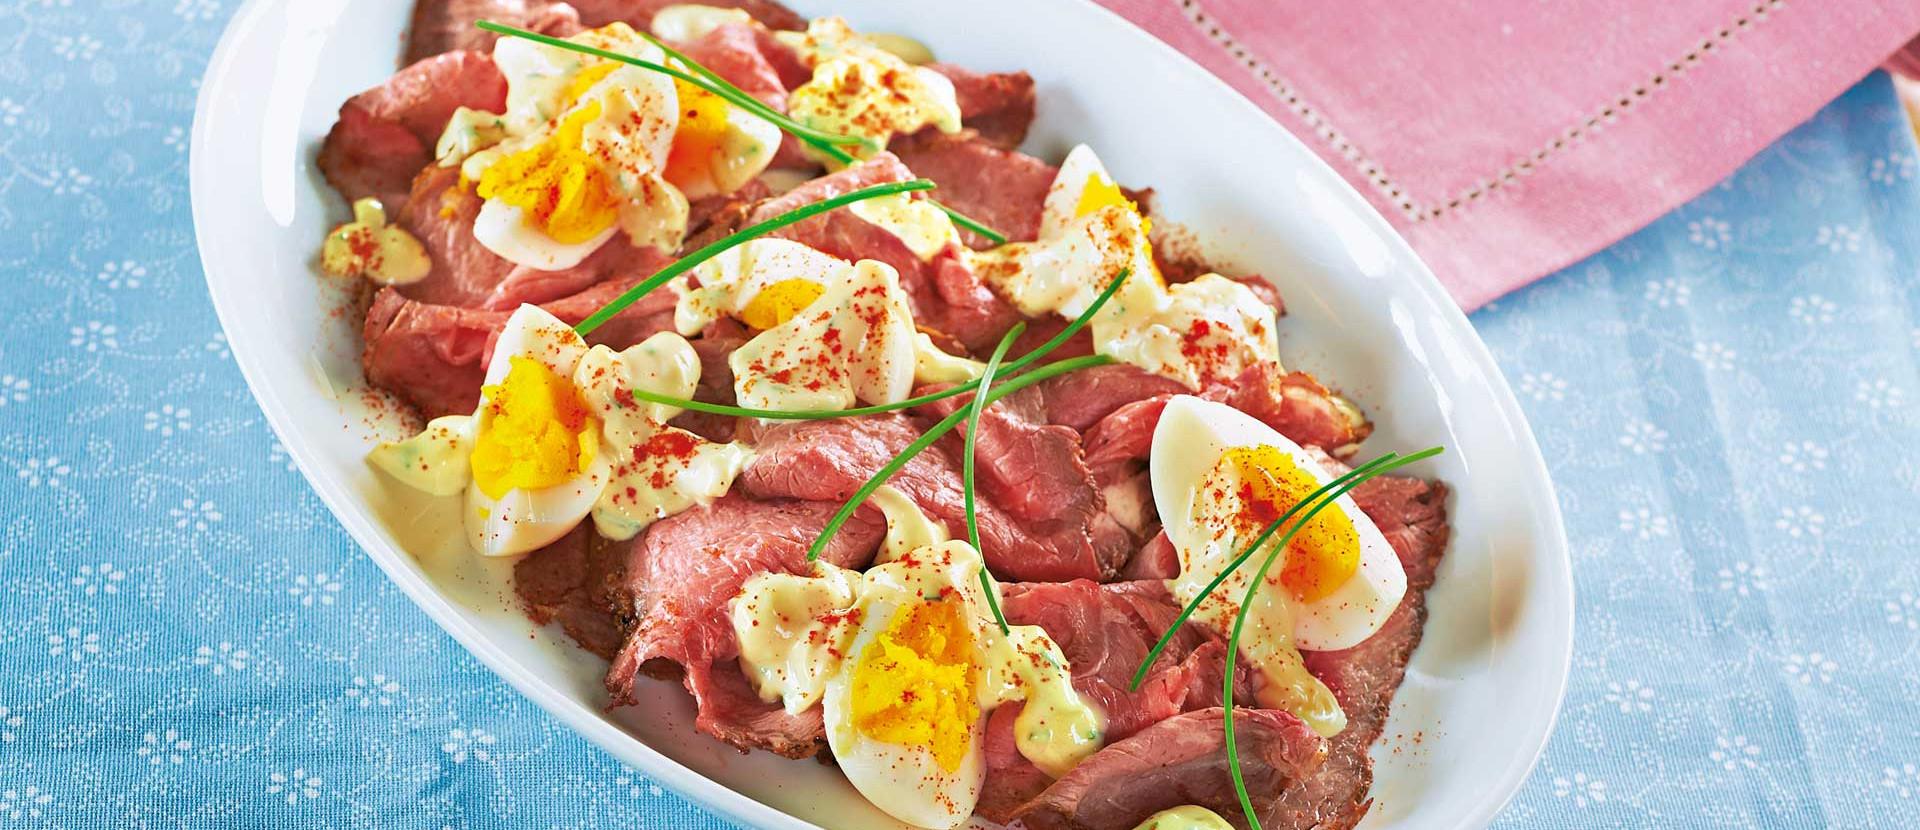 Roastbeef Aufschnitt mit Eier Gurkencreme